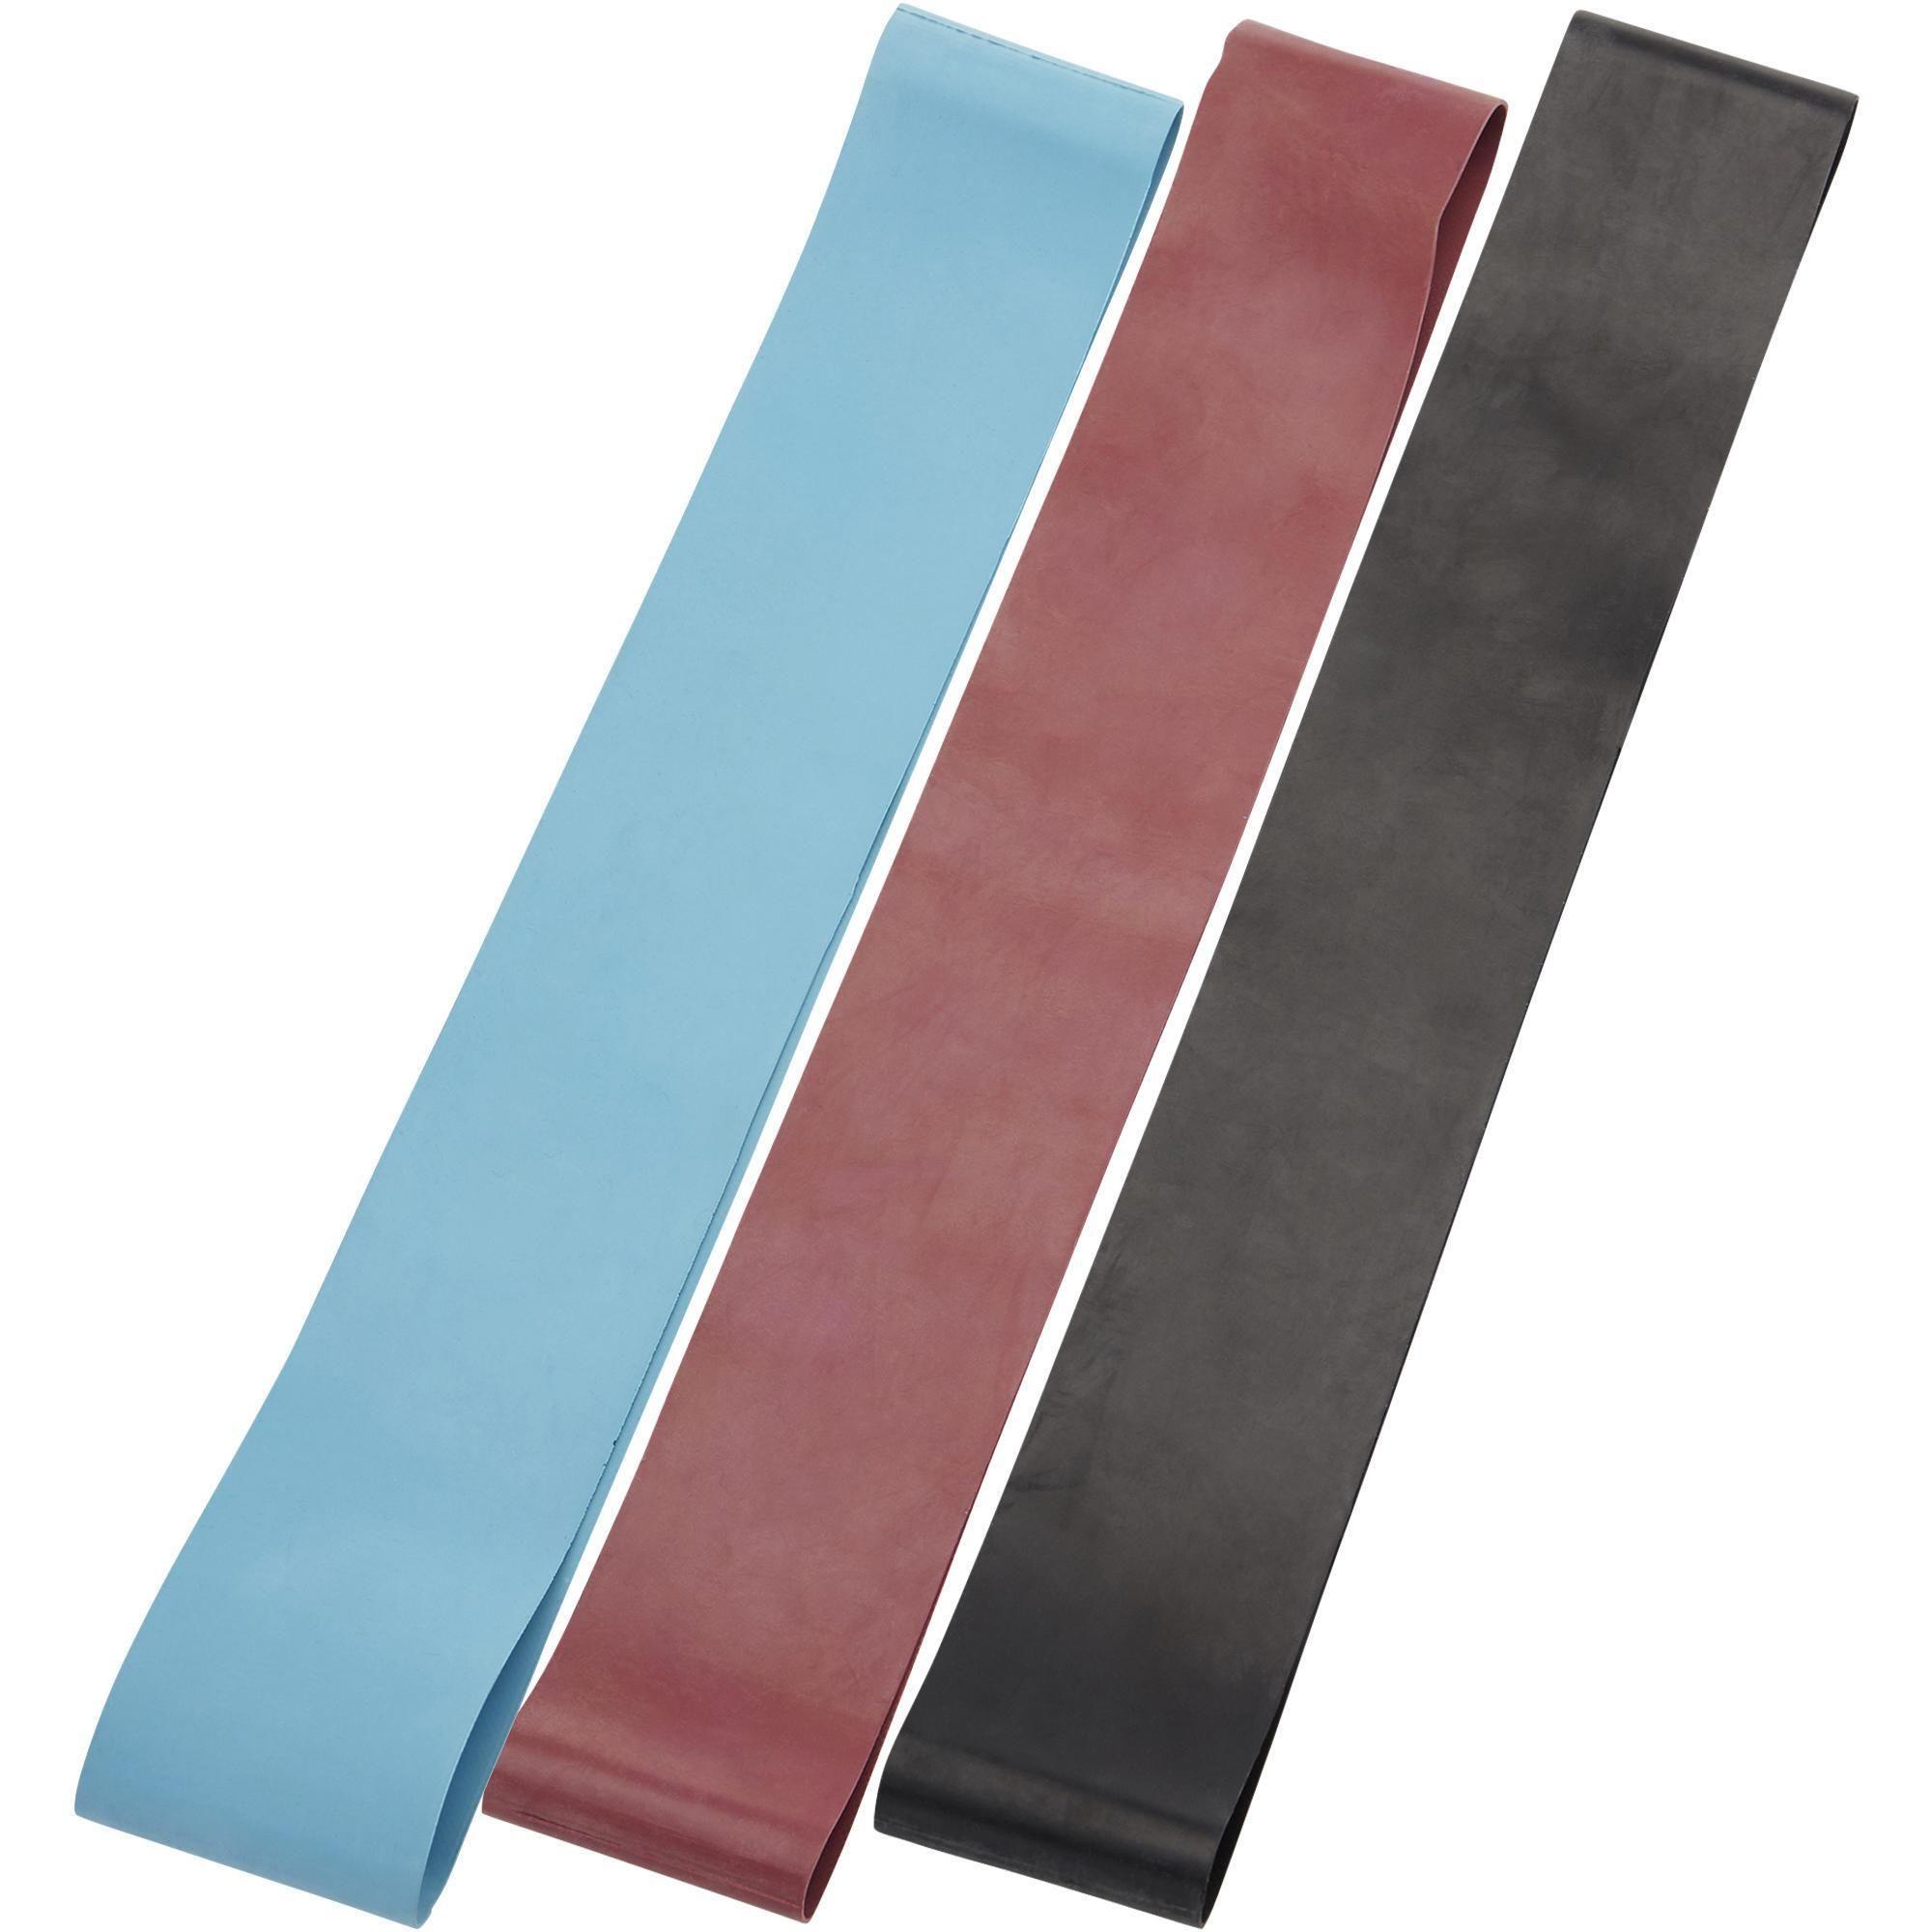 Kit mini bandes elastiques caoutchouc x3 Bande elastique